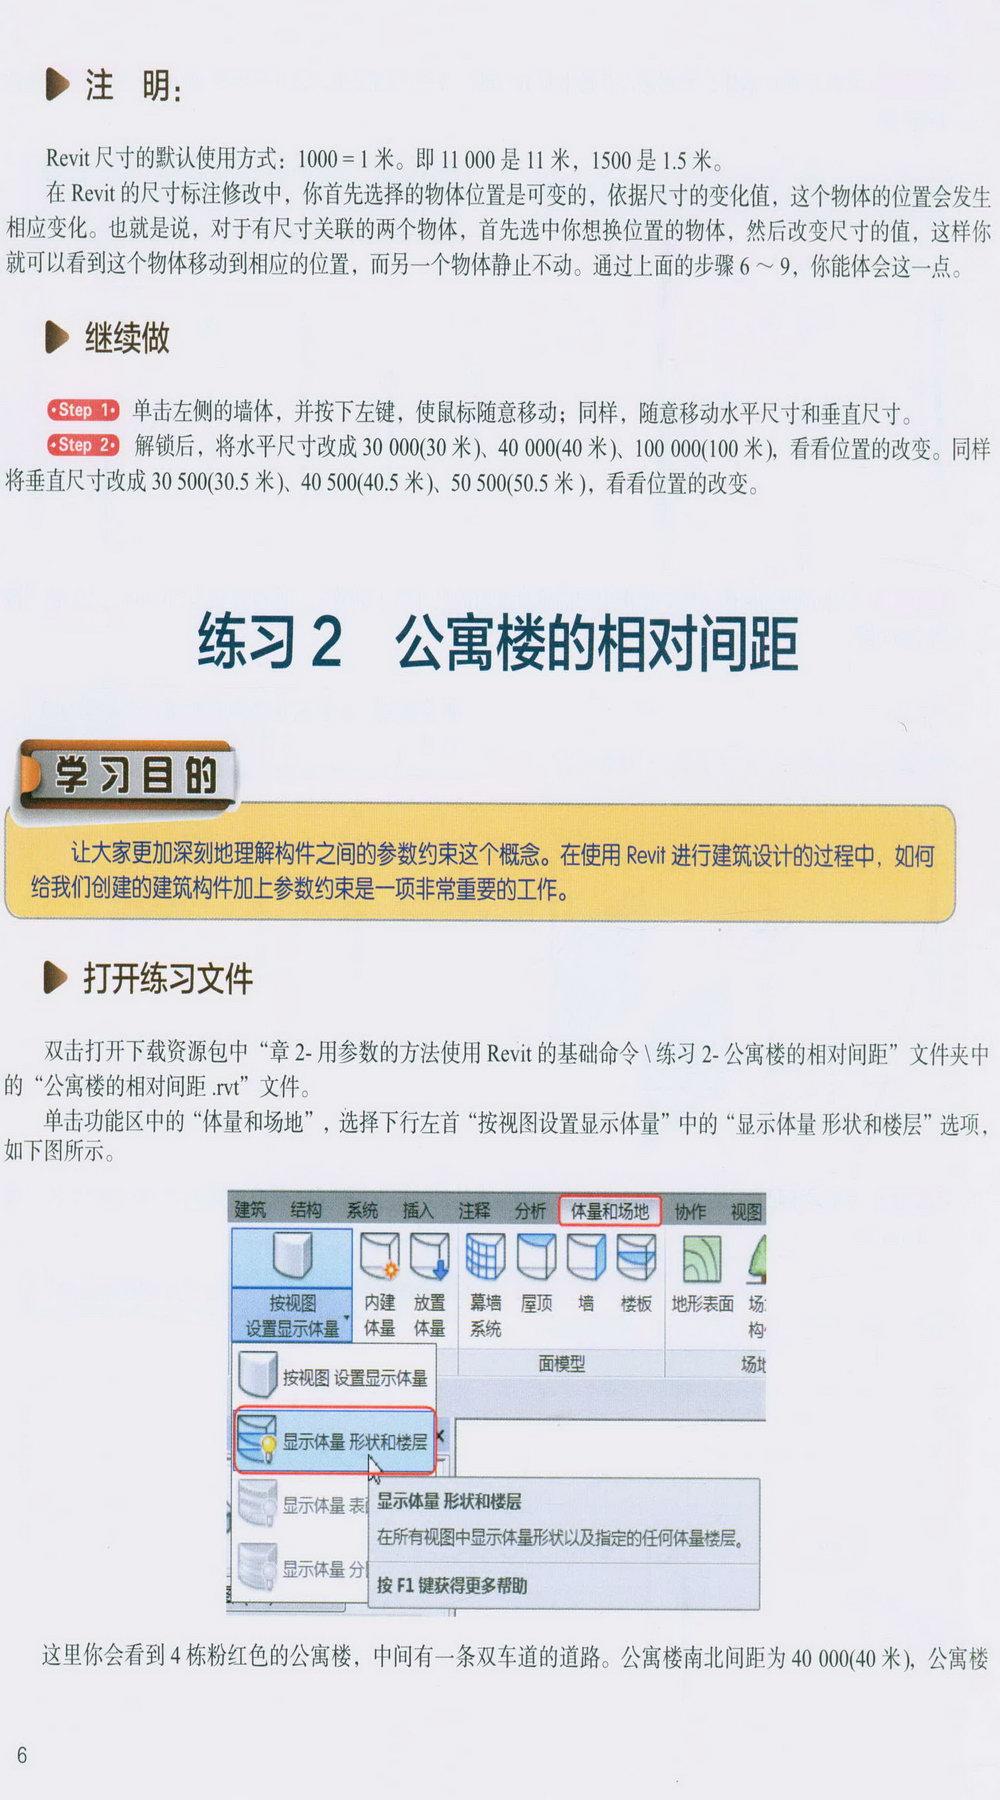 http://im2.book.com.tw/image/getImage?i=http://www.books.com.tw/img/CN1/140/46/CN11404623_b_05.jpg&v=5894eb5d&w=655&h=609